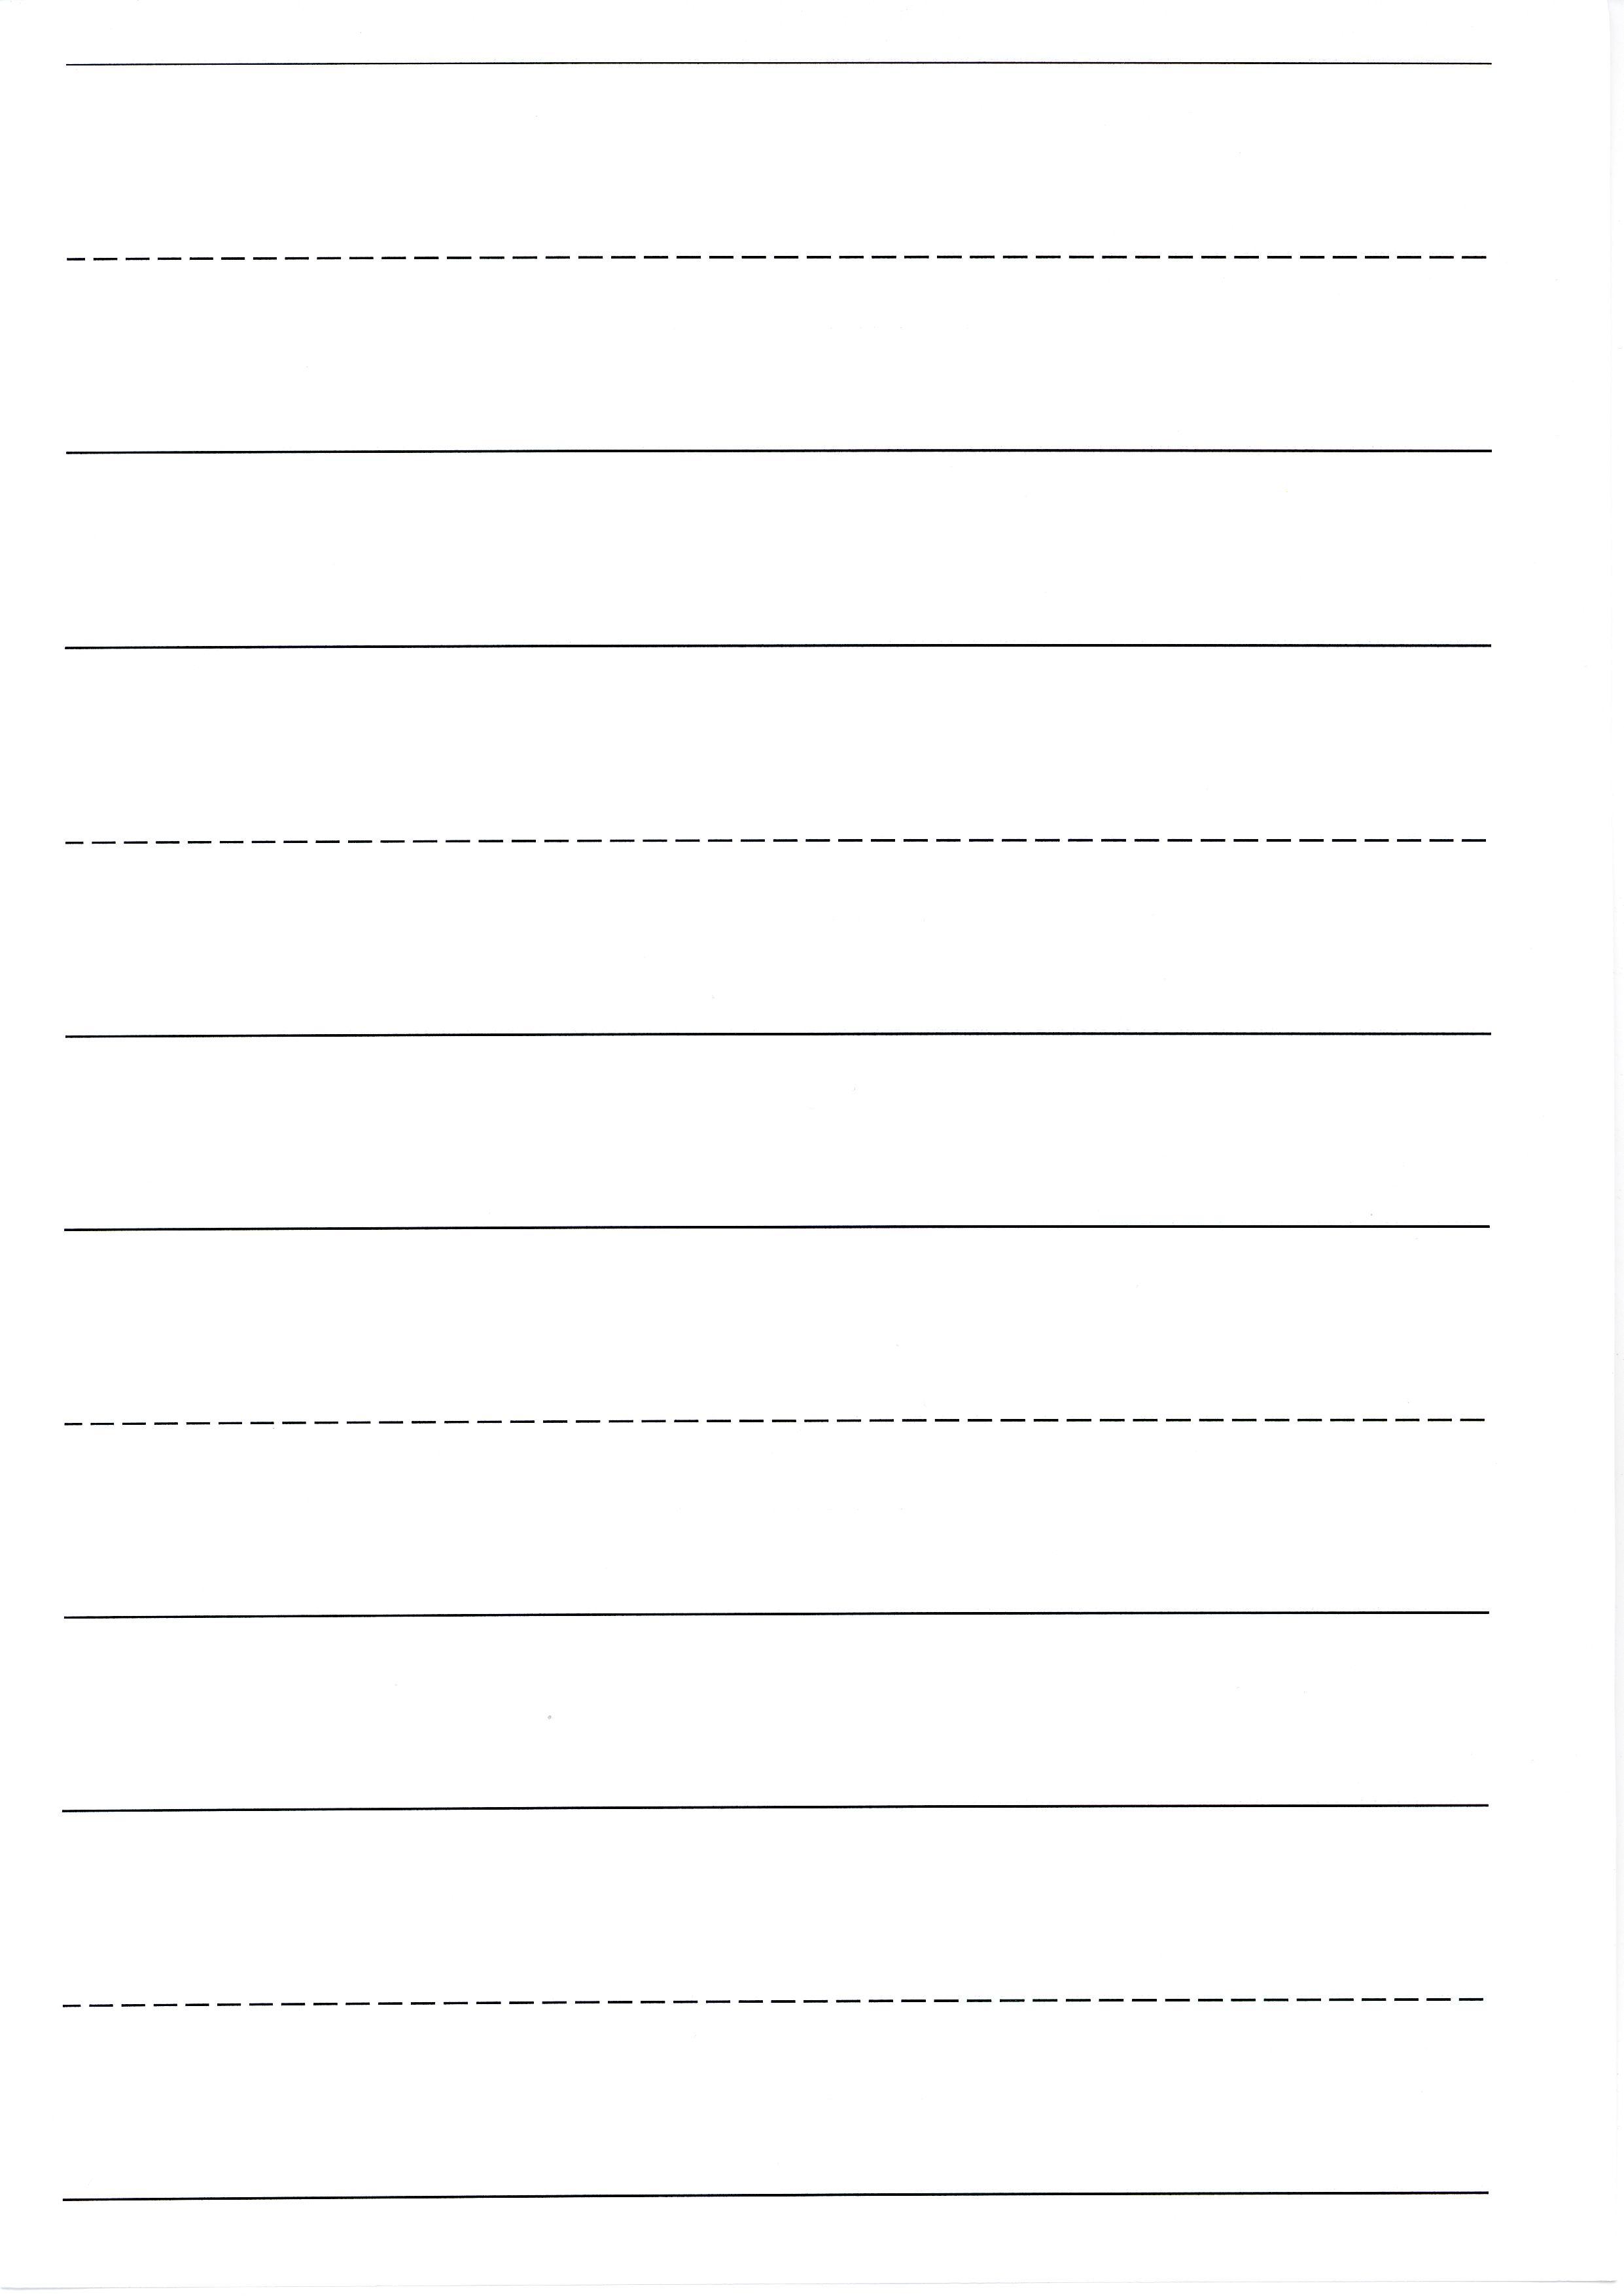 Fein Schreiben Linien Vorlage Ideen - Bilder für das Lebenslauf ...